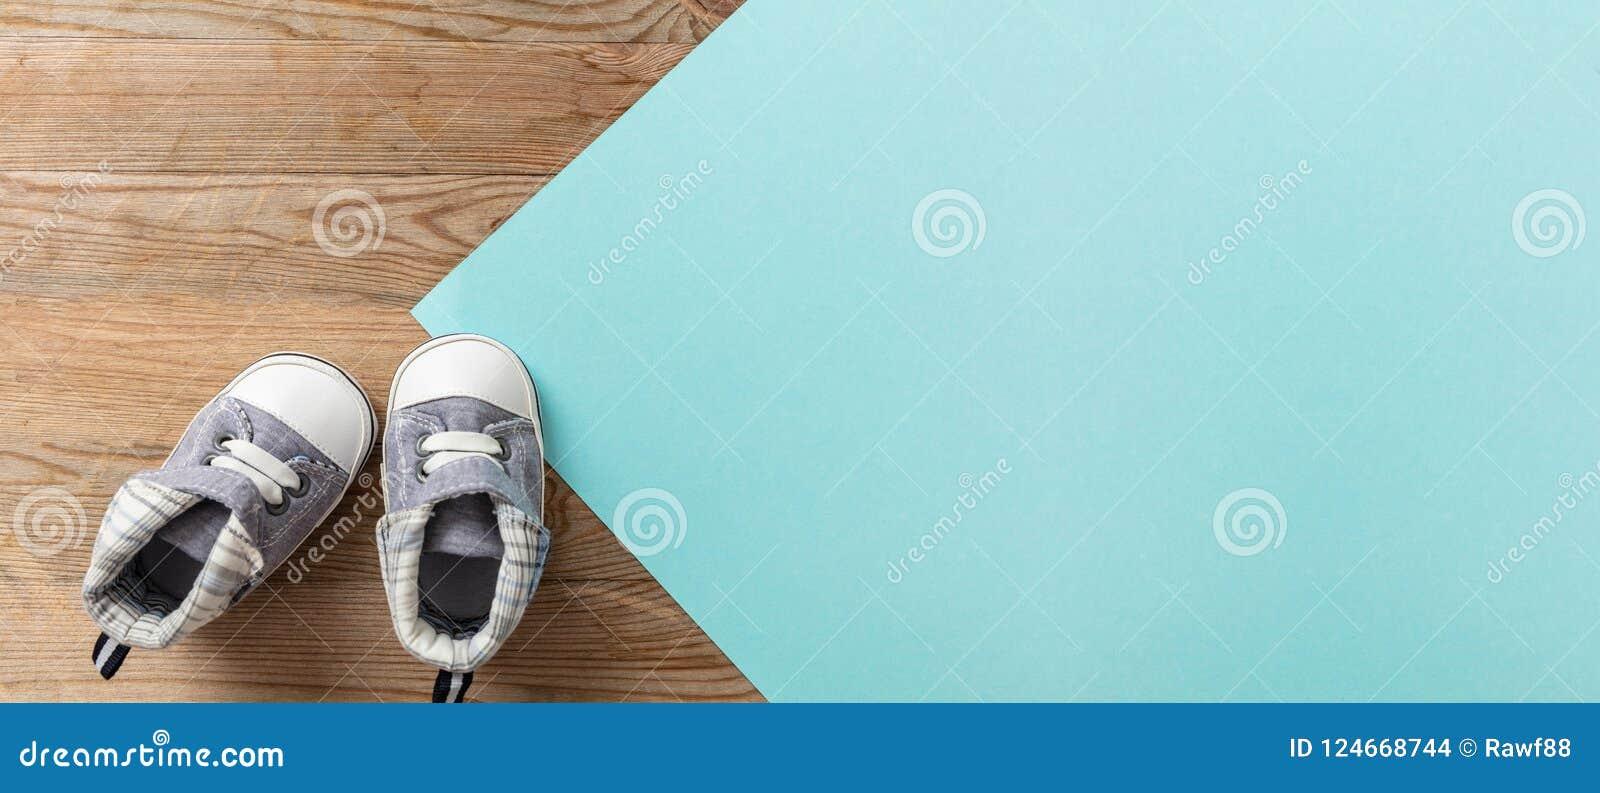 Zapatos del bebé en el fondo azul y de madera en colores pastel, bandera